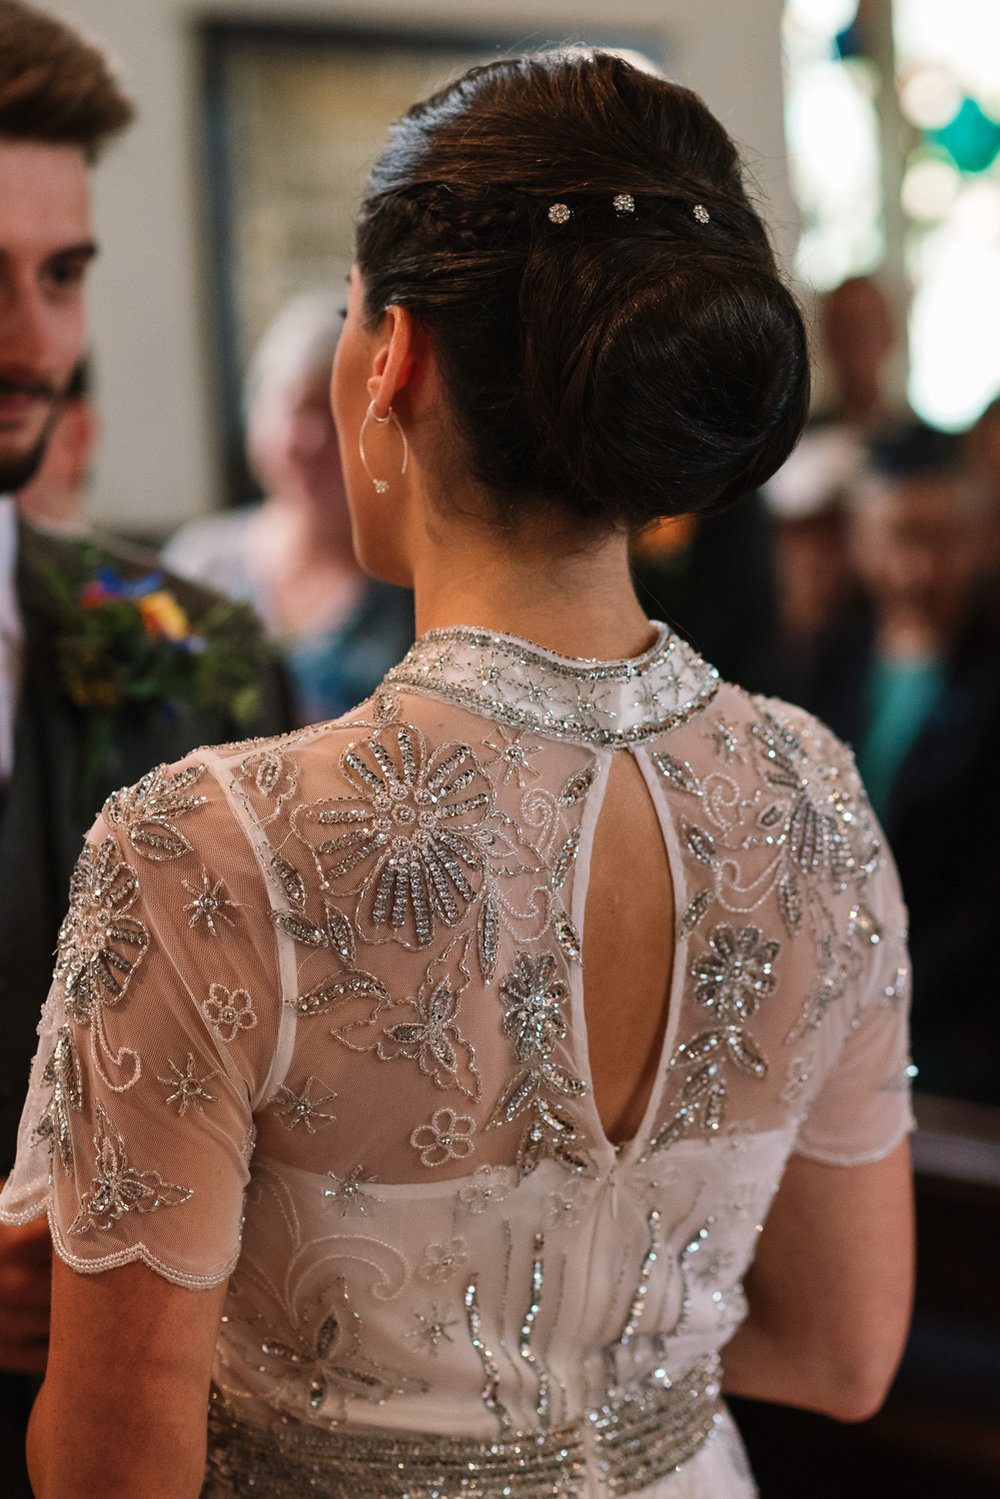 denbies-wedding-photographer-10.jpg